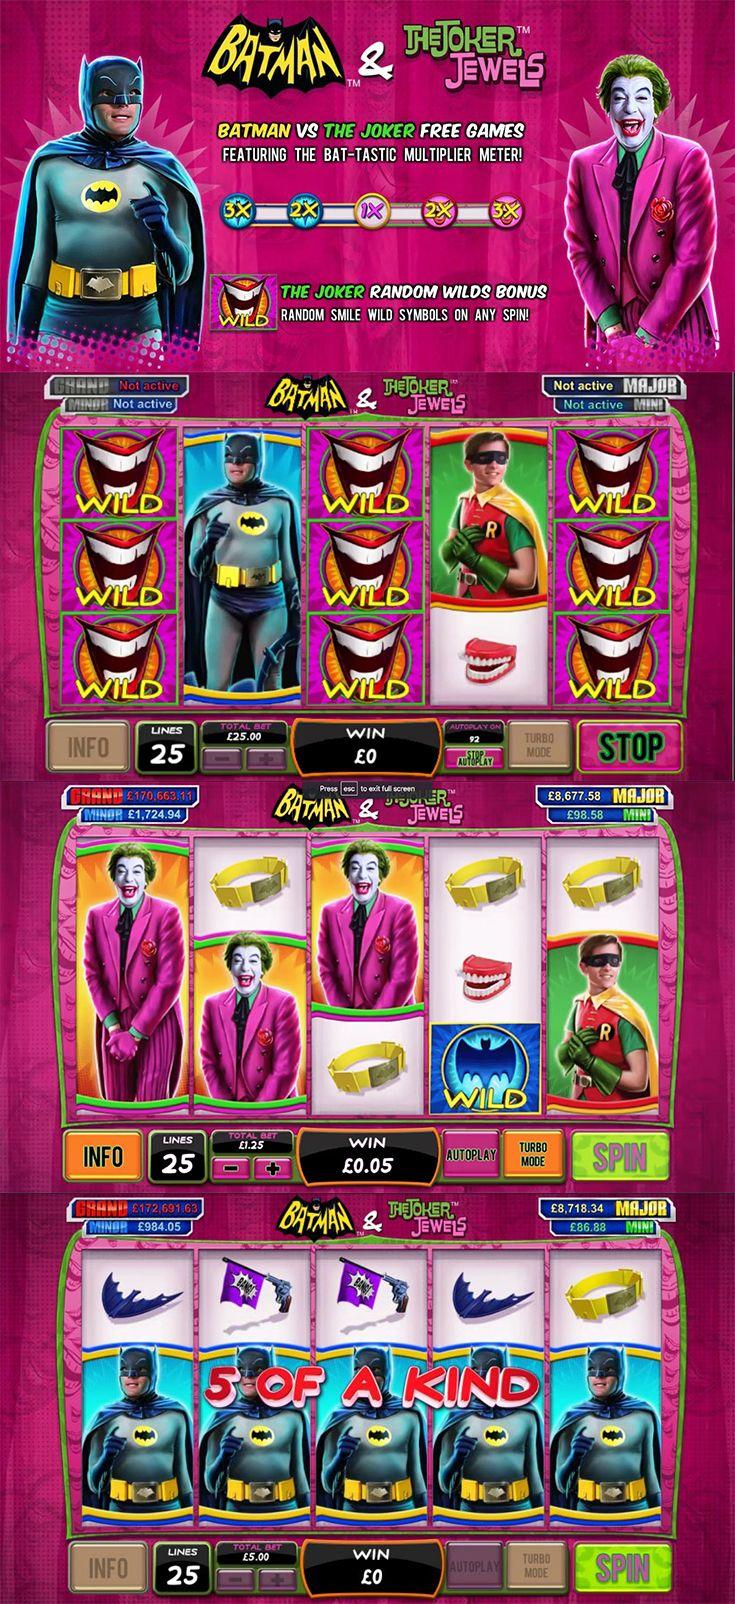 Casino bankid snabba uttag avancerade